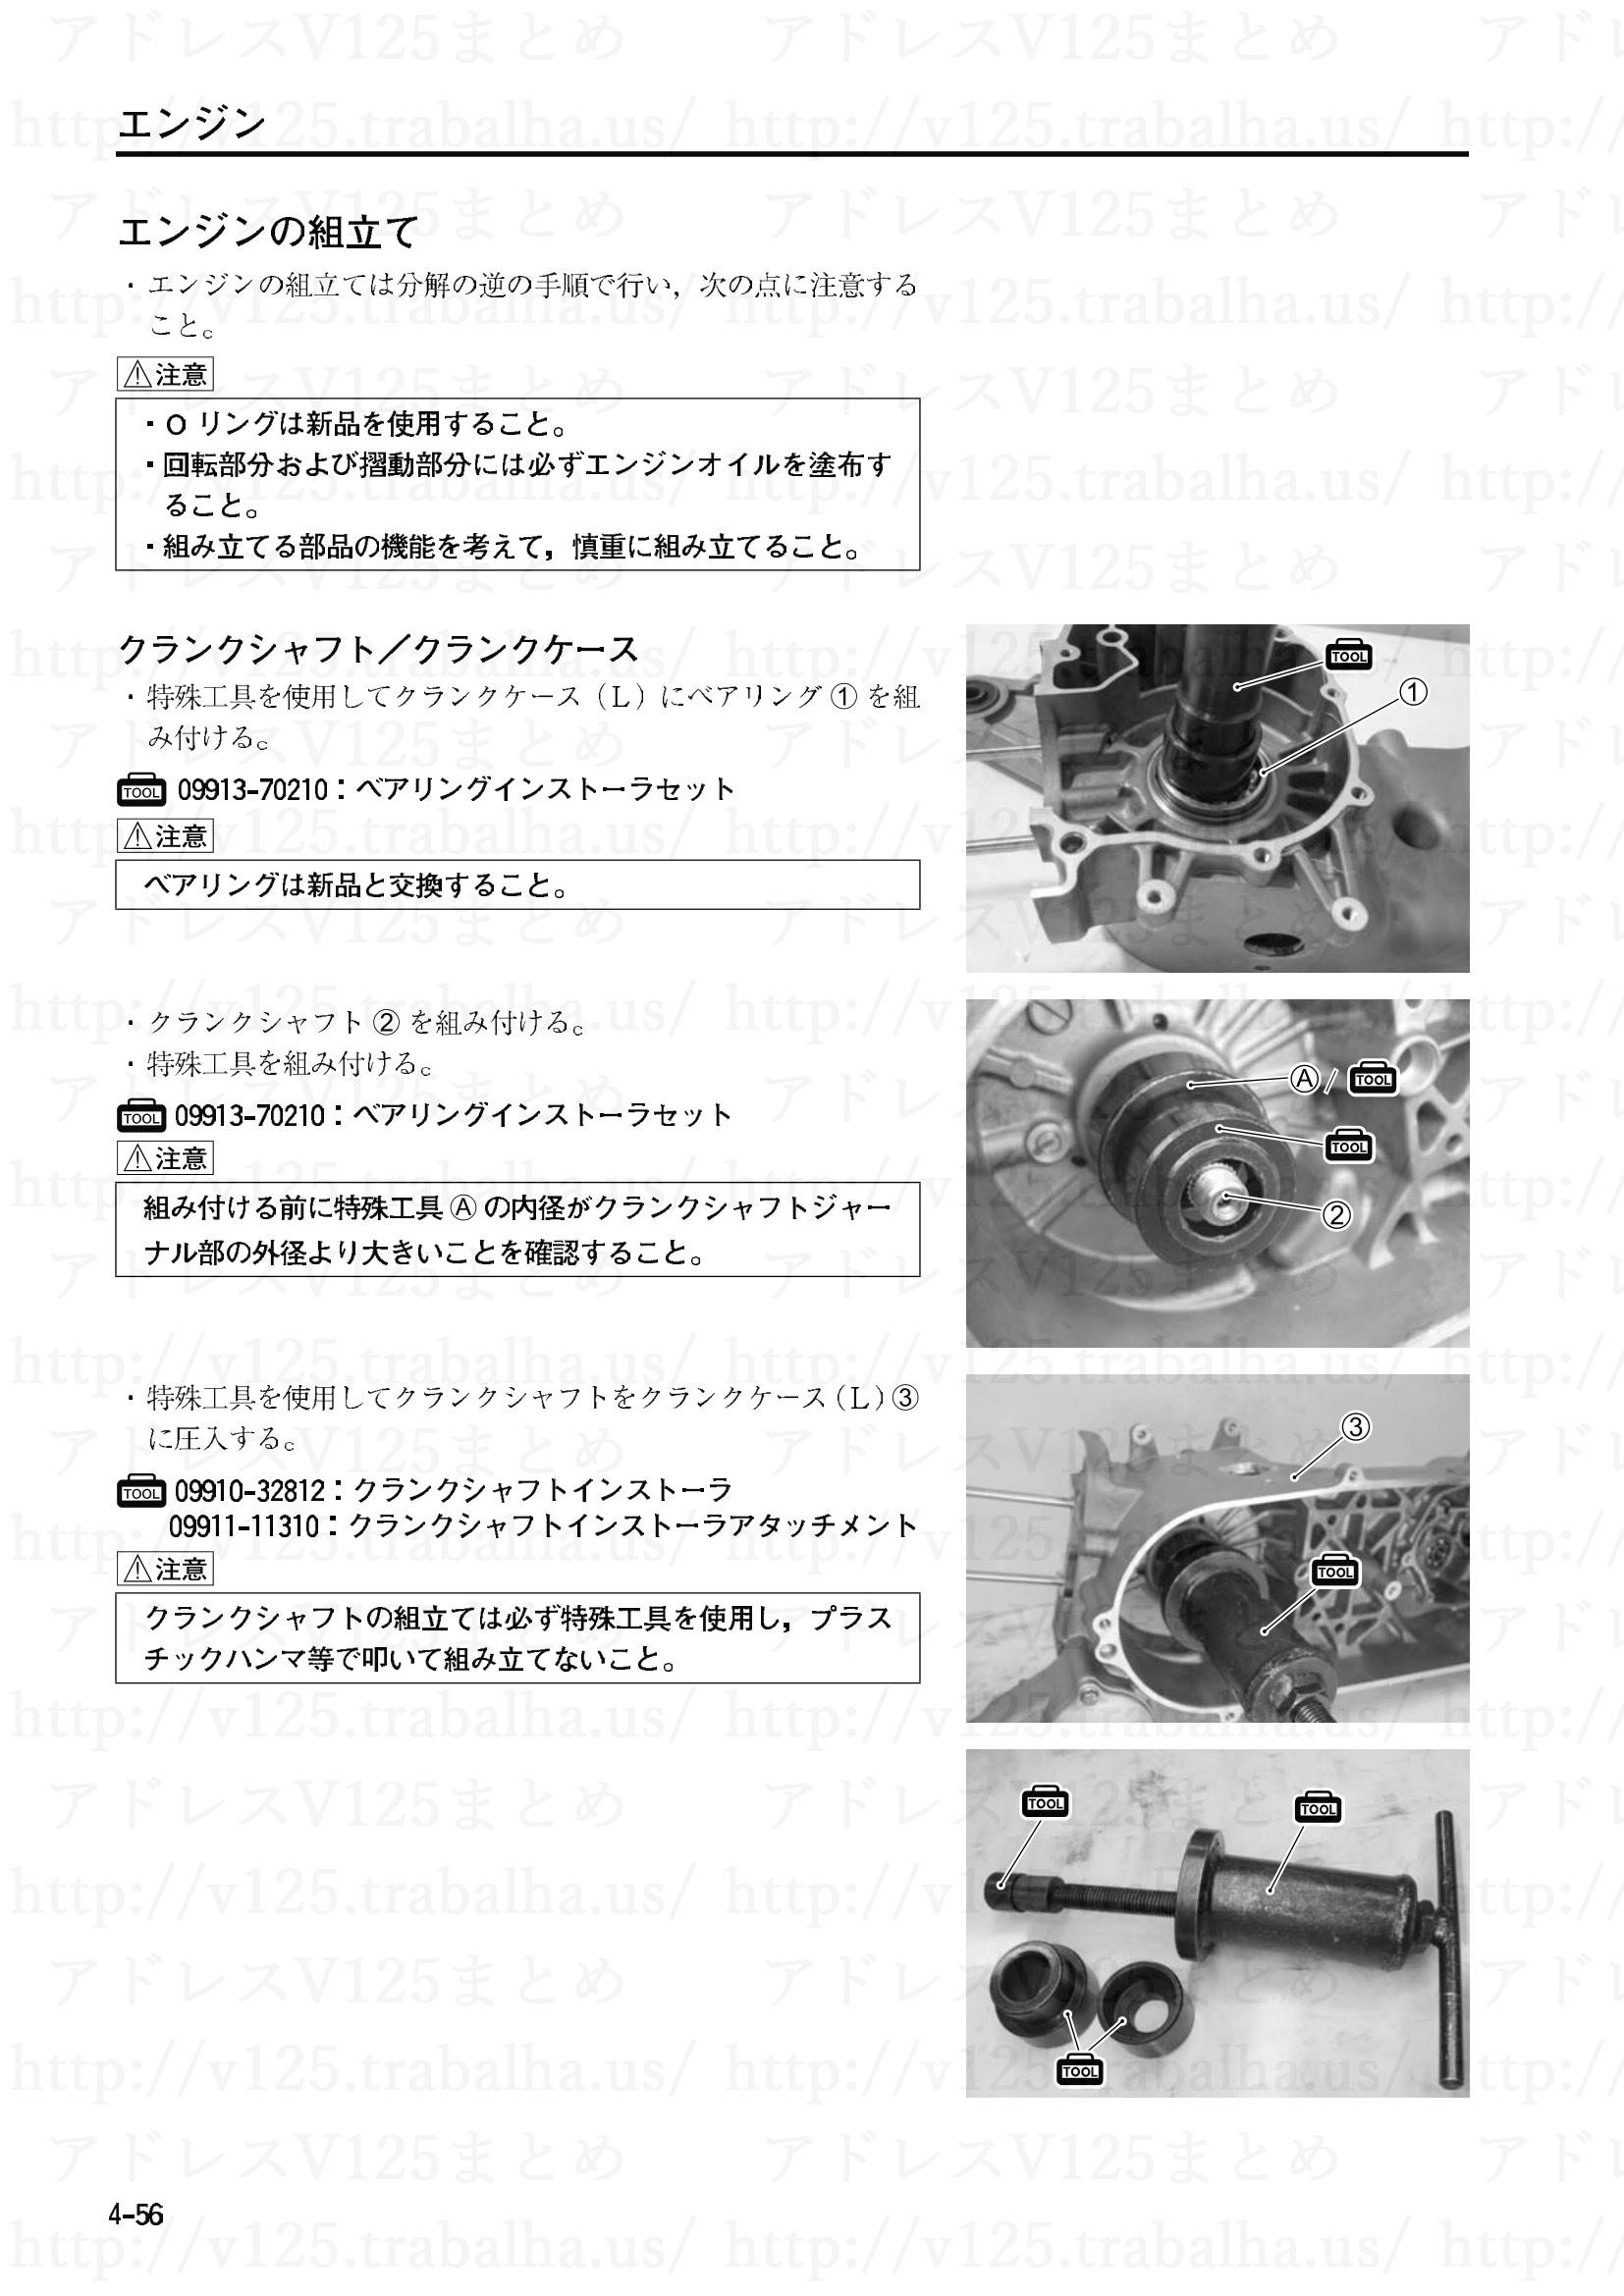 4-56【エンジン】エンジンの組立て1